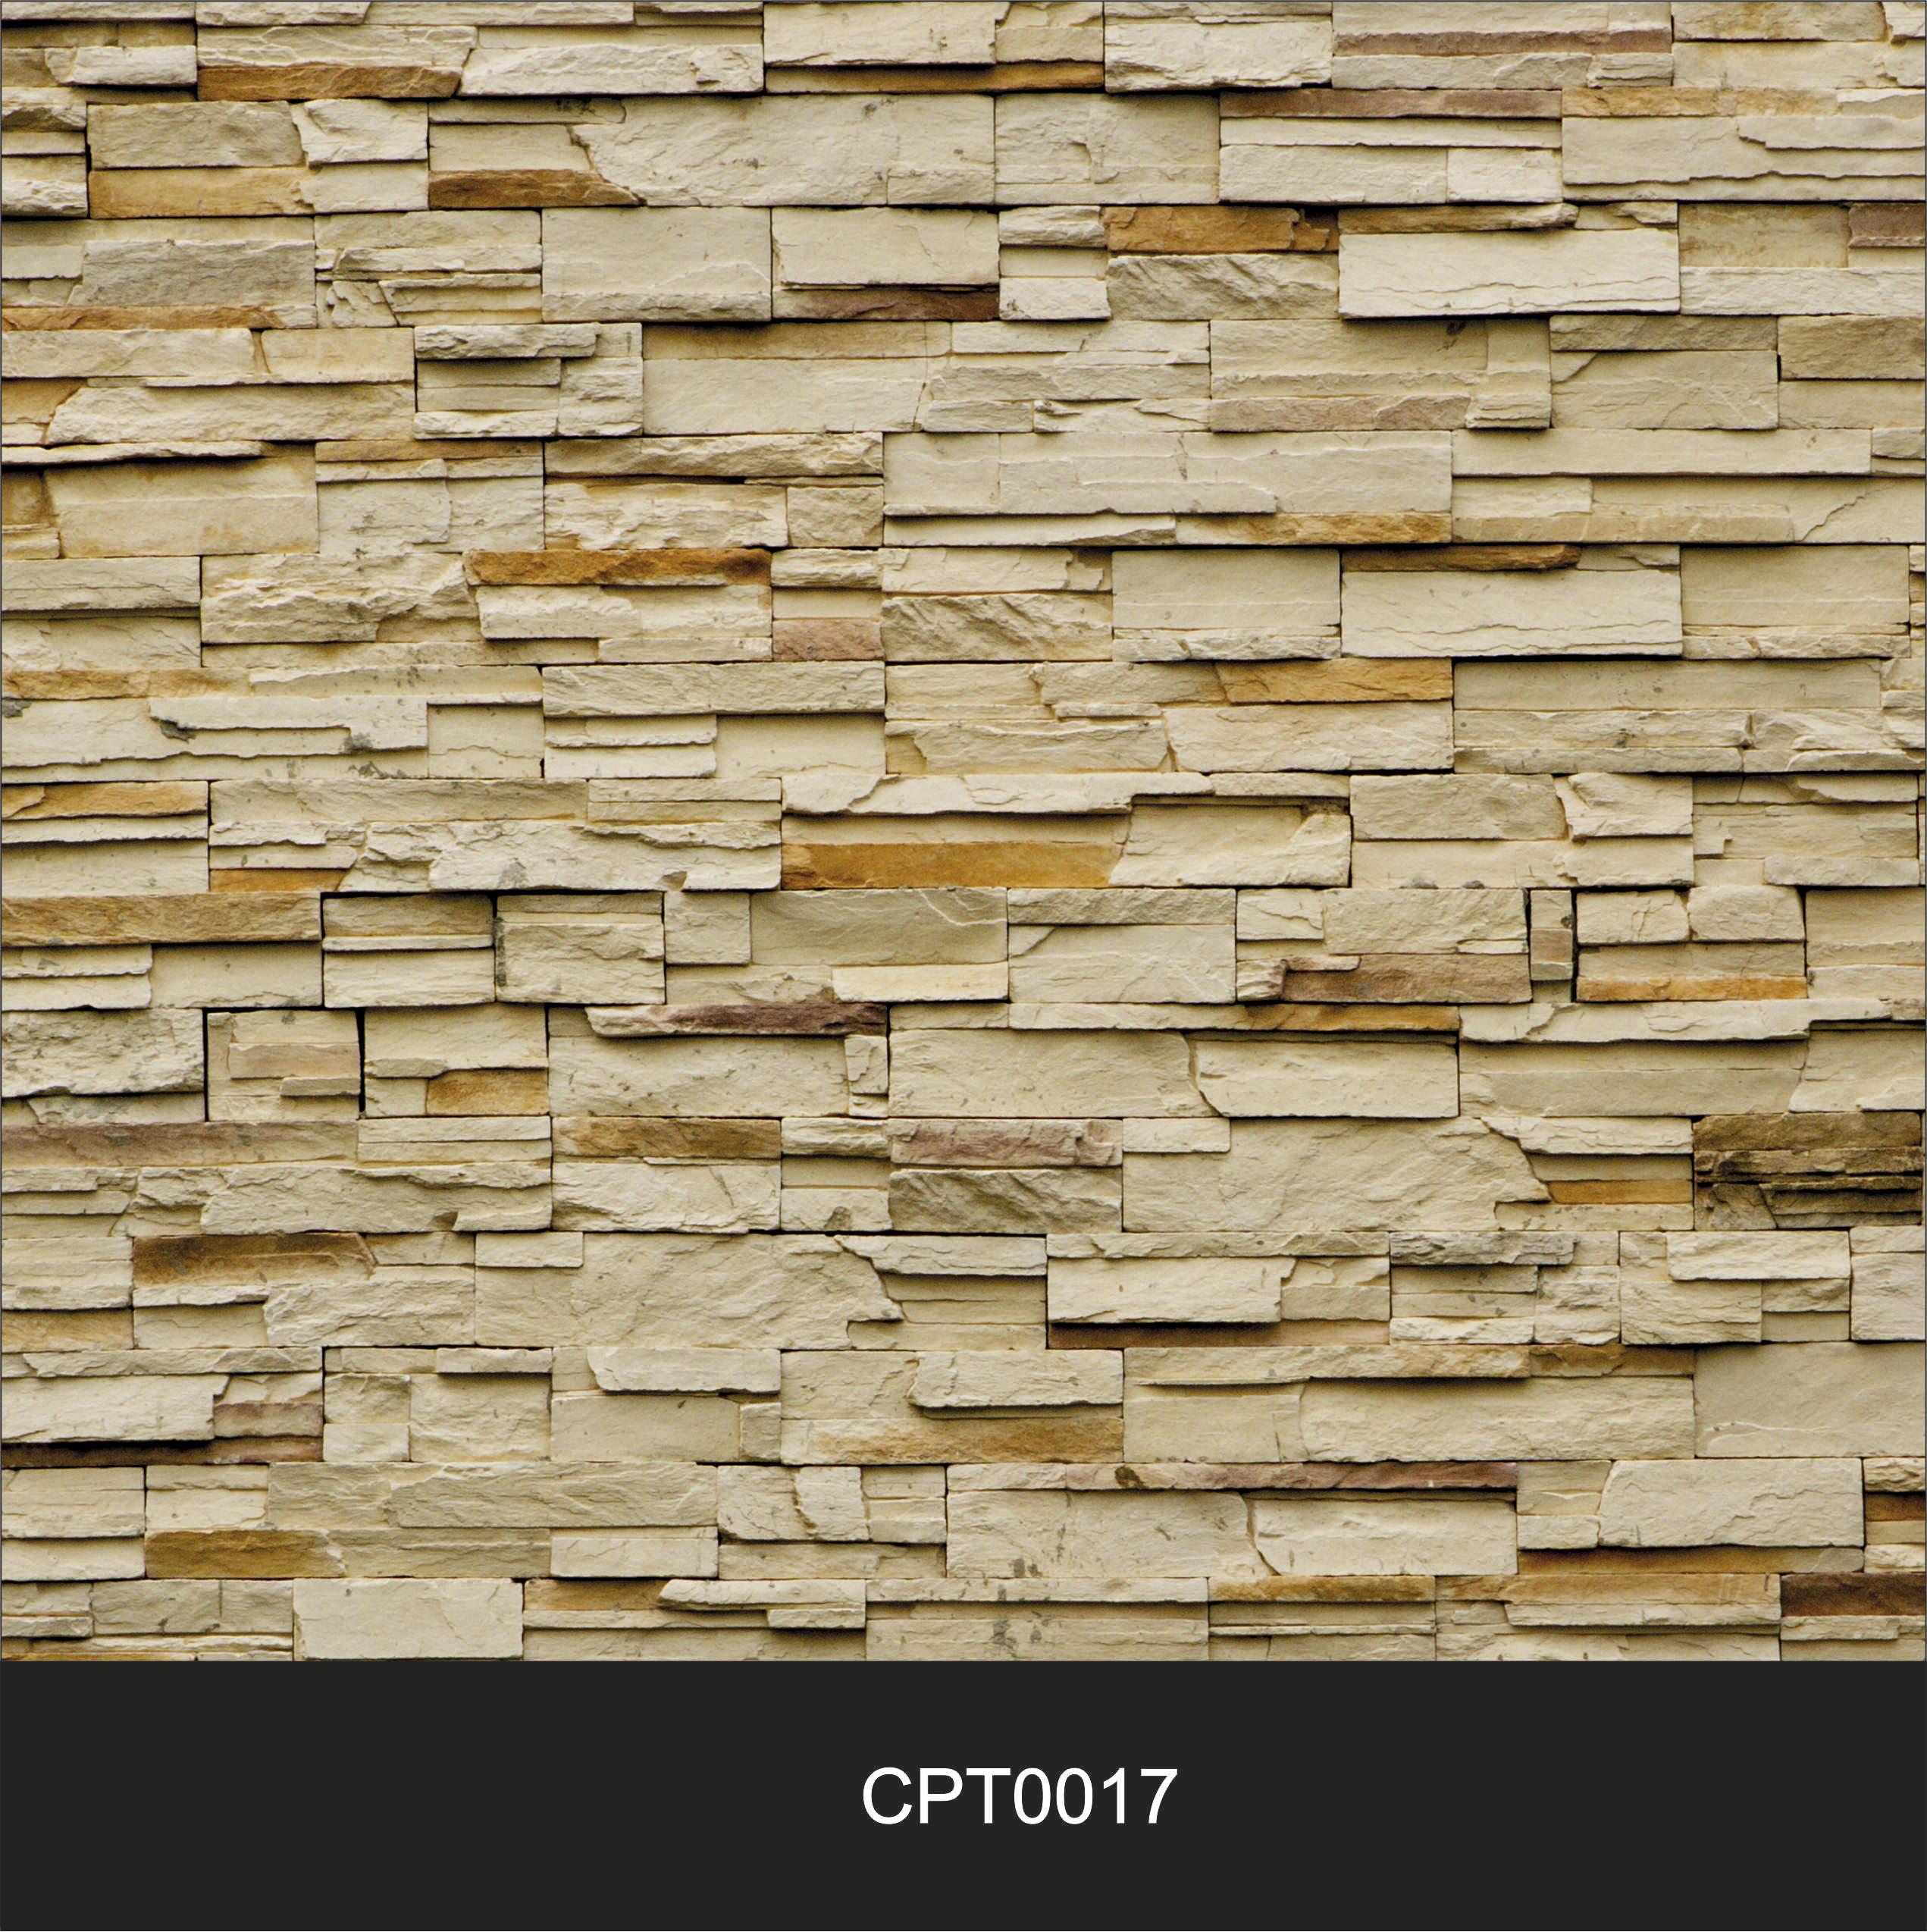 Papel De Parede Pedra Canjiquinha 3d 017 No Elo7 Marcelo Oliveira  -> Papel De Parede De Pedra